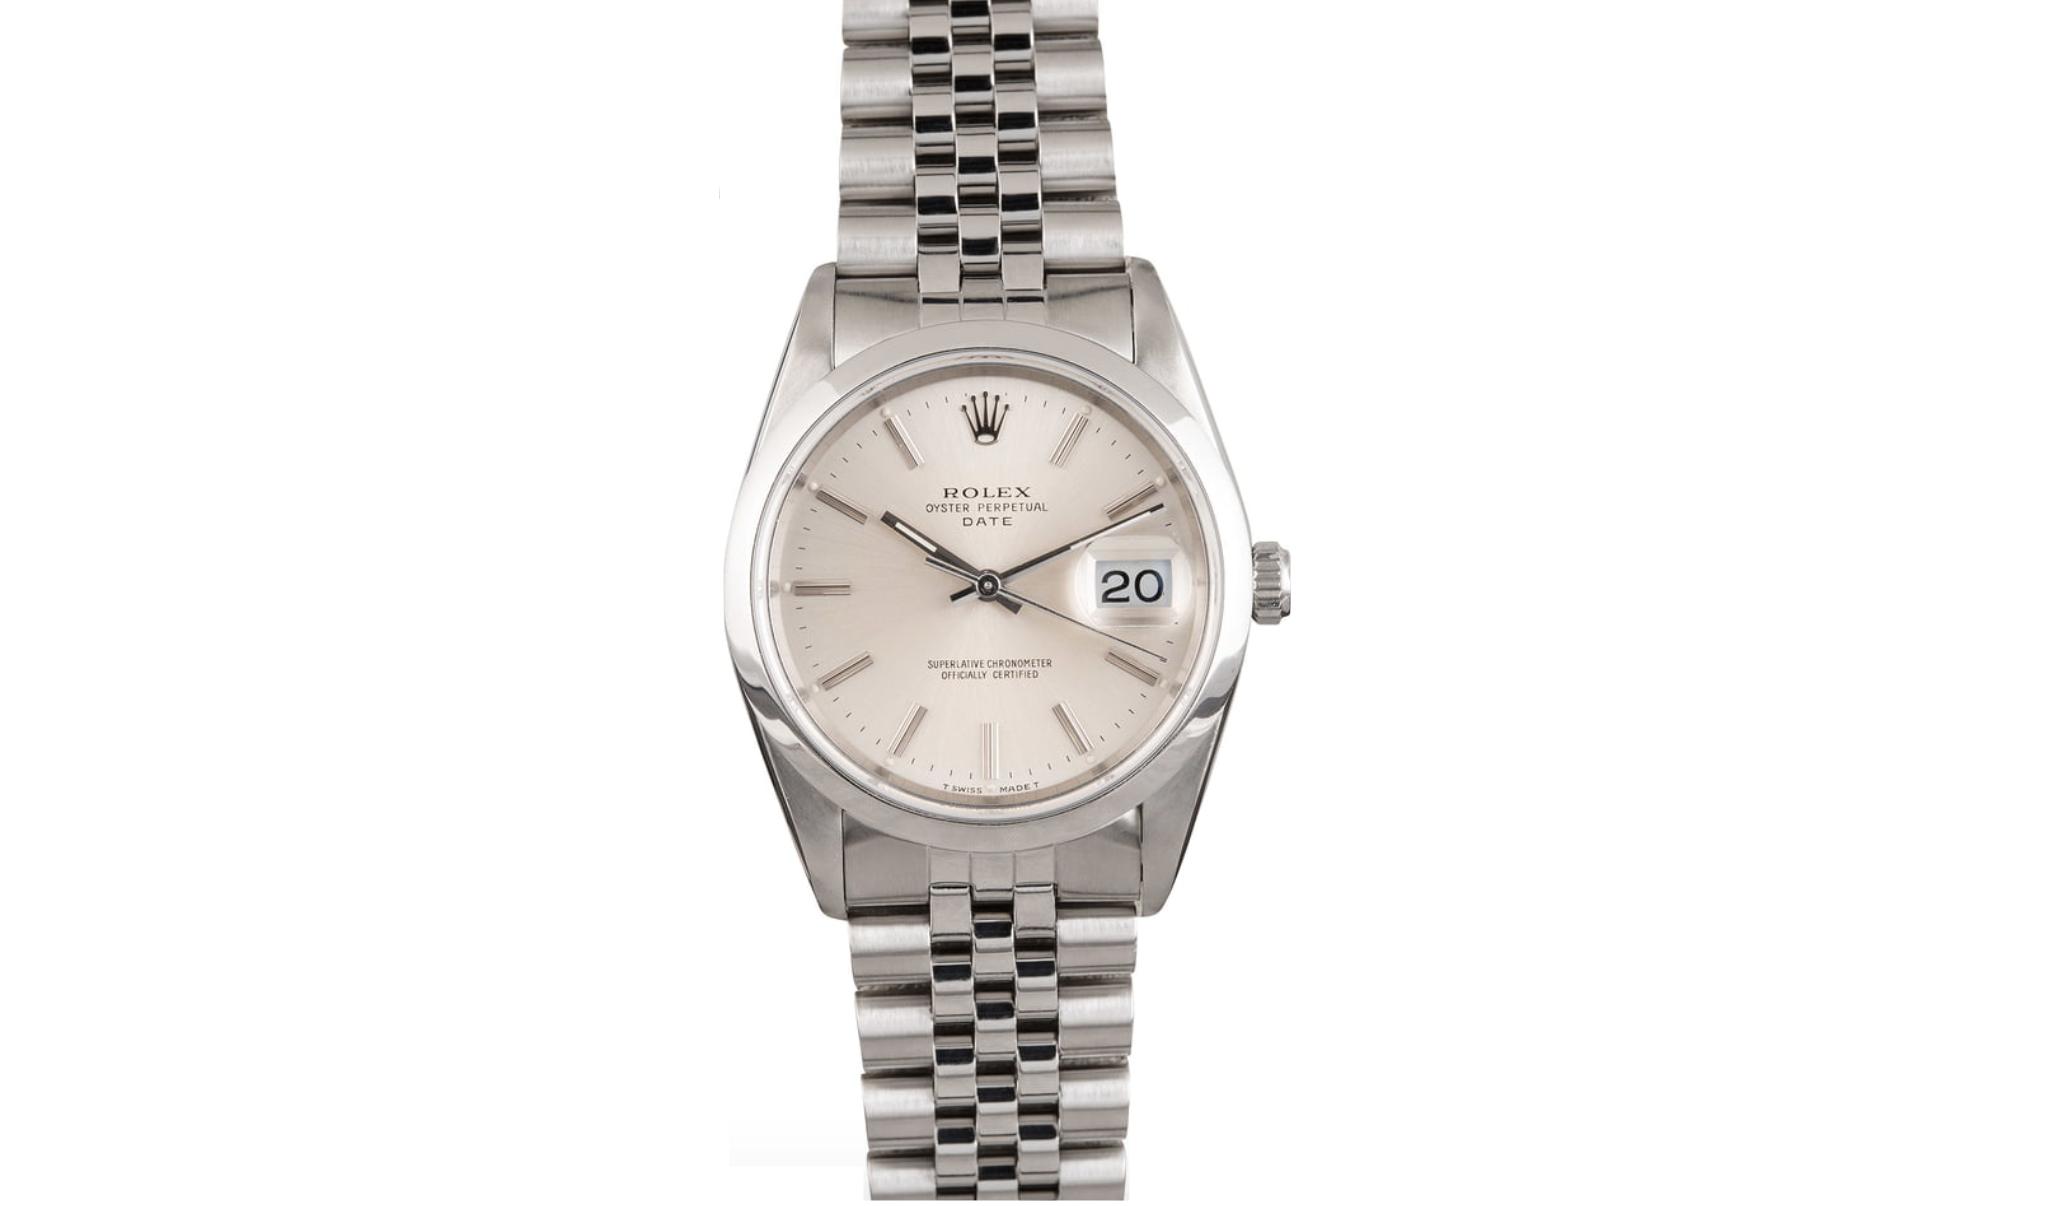 Rolex Oyster Perpetual Date 15200 smooth bezel on Jubilee bracelet